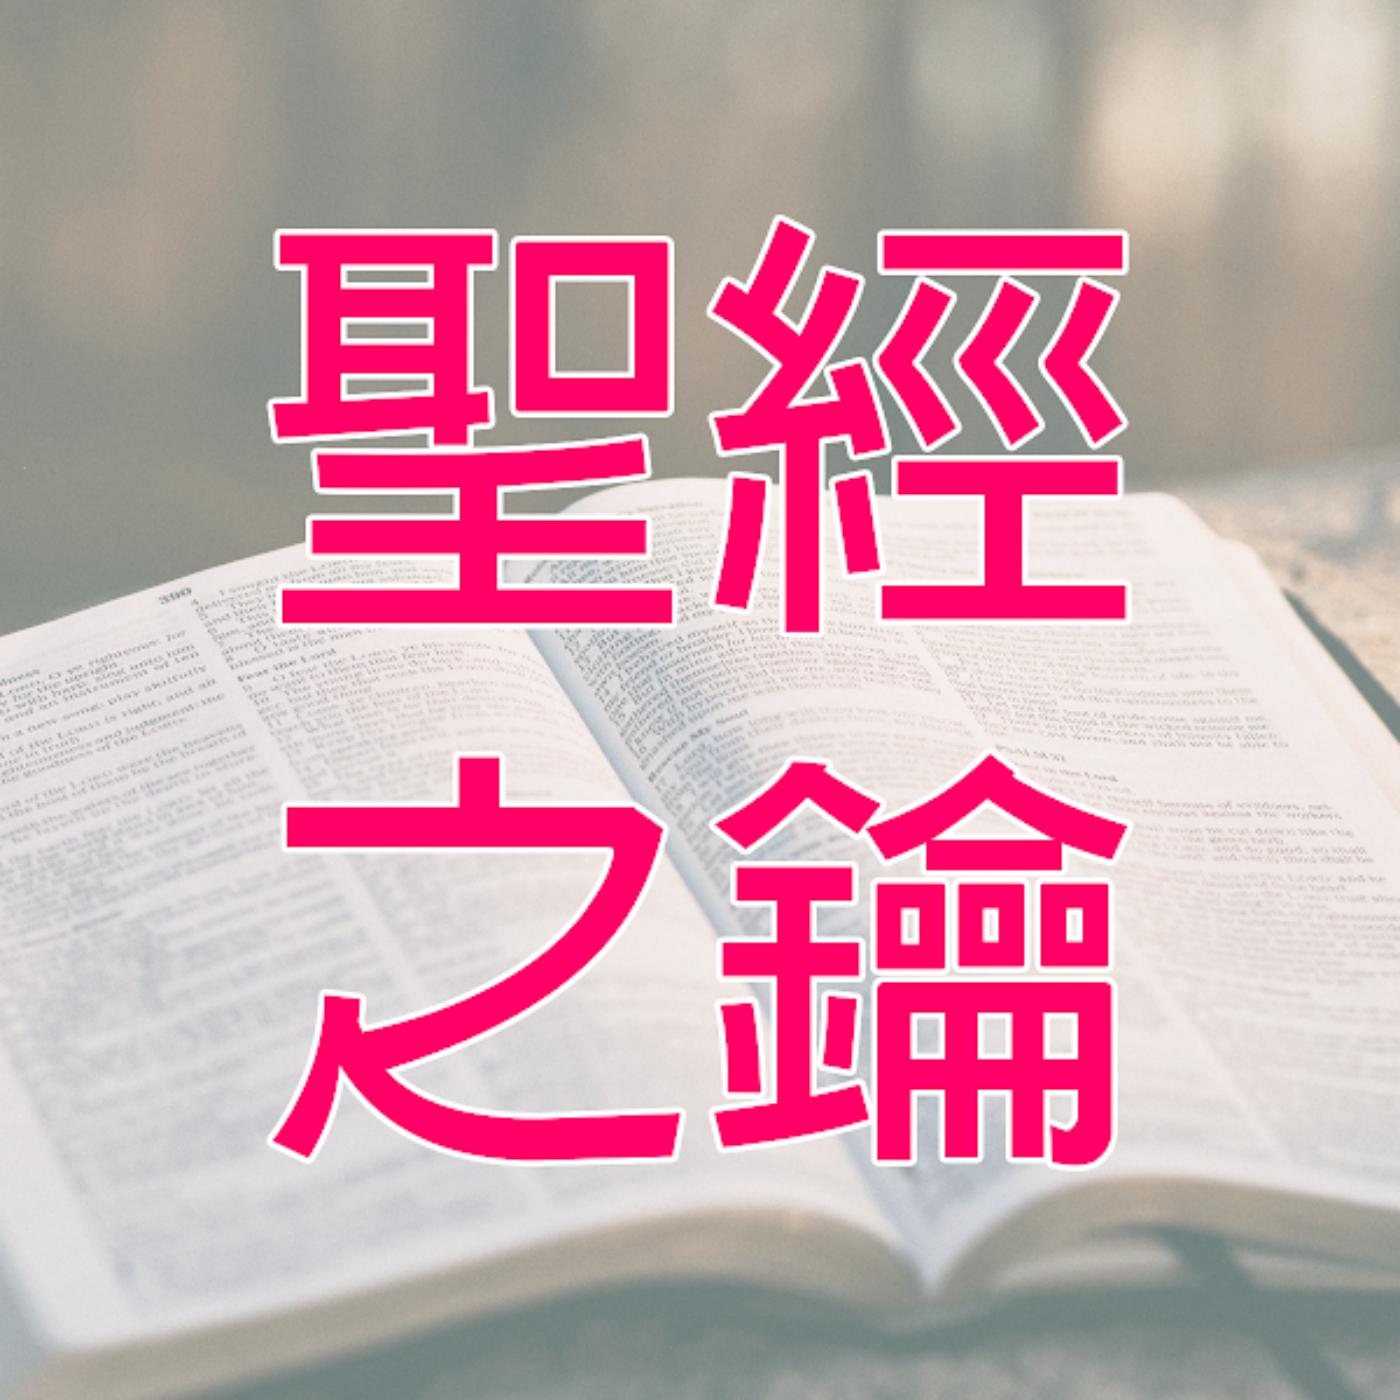 創世記-第45章-兄弟相認【聖經之鑰】Genesis